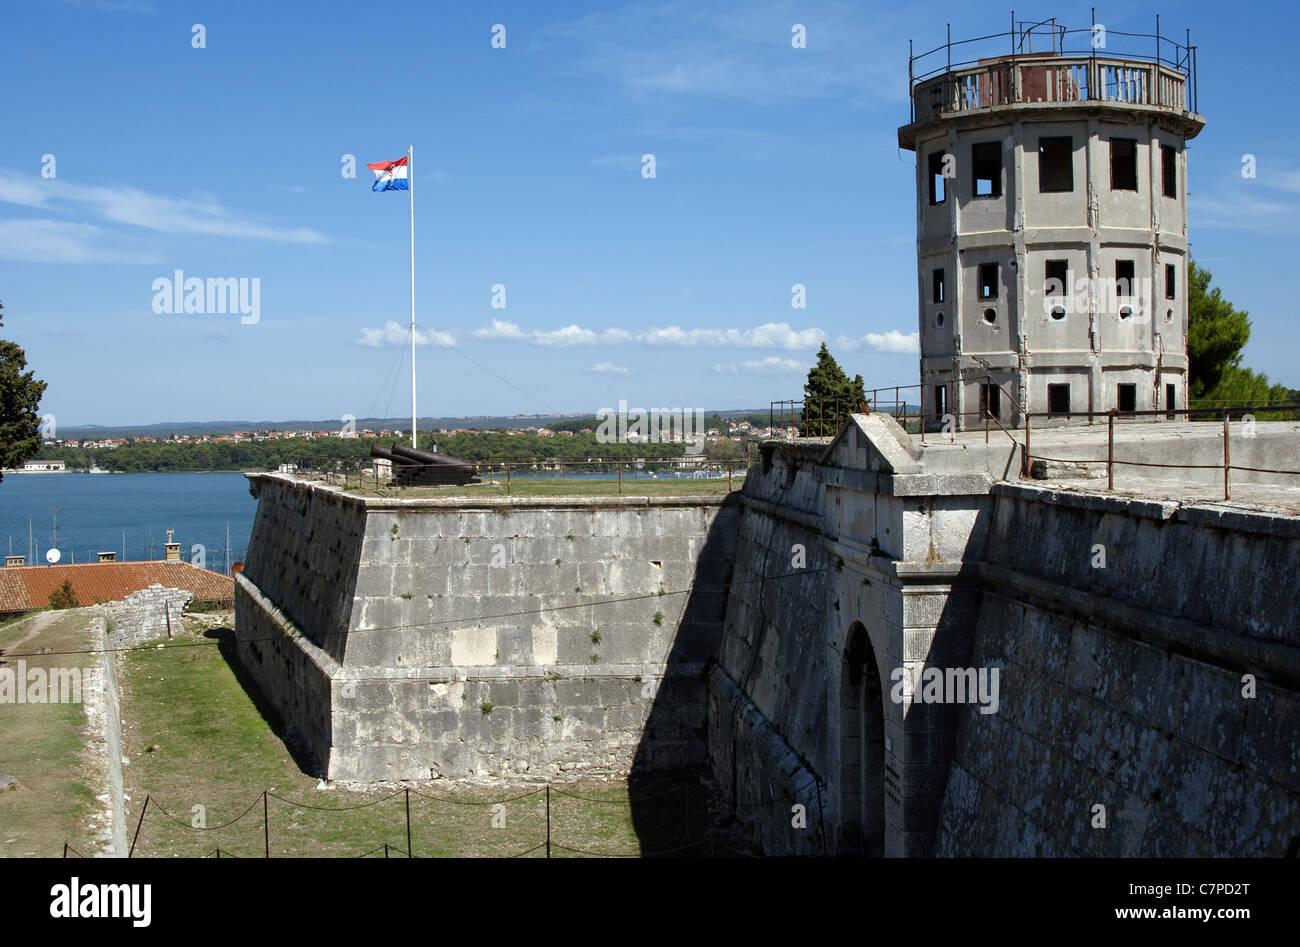 Croatia. Pula. Venetian Citadel. 17th century. - Stock Image